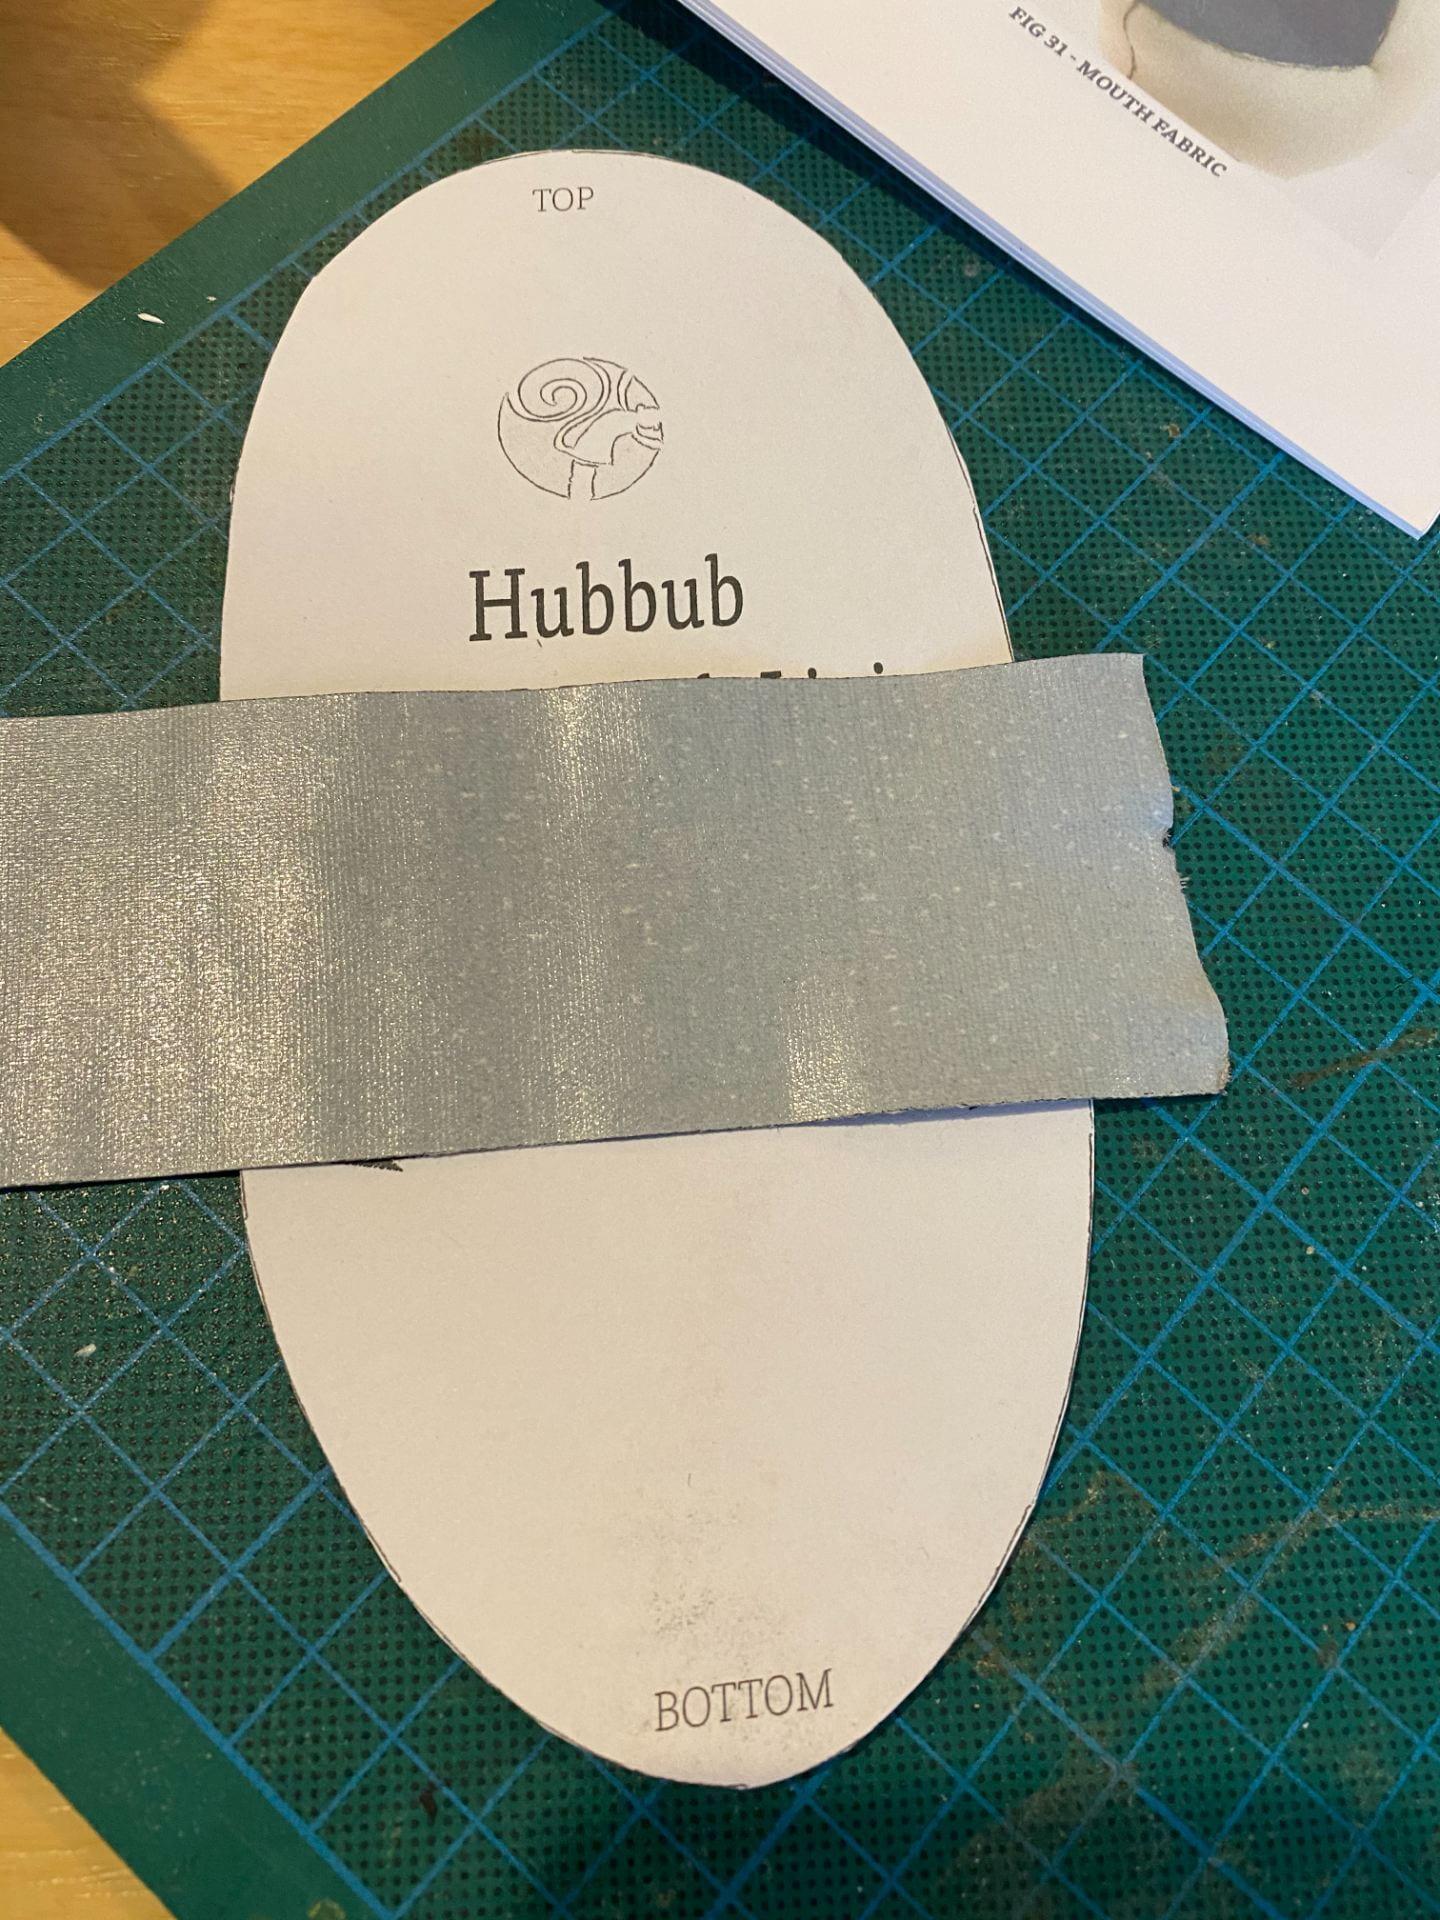 Gaffer tape sticky side up on top of a oval shaped pattern piece